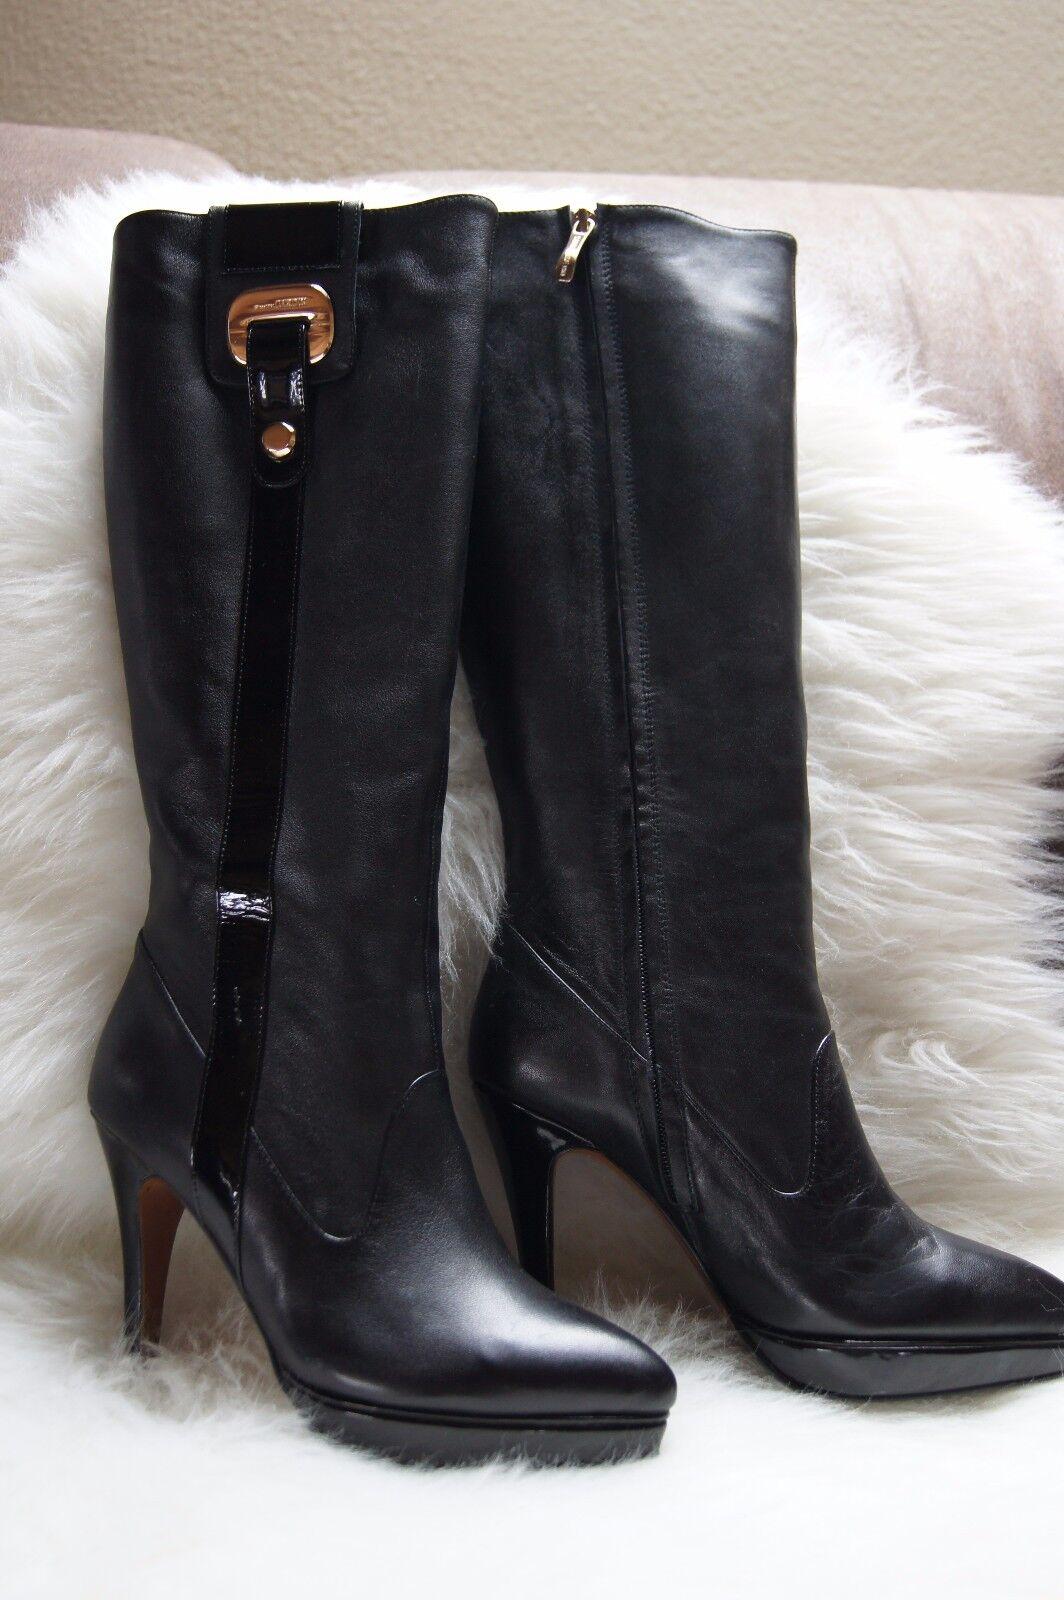 Damen Stiefel Pierre Cardin Gr. 37 schwarz WOW Extrem Extravagant